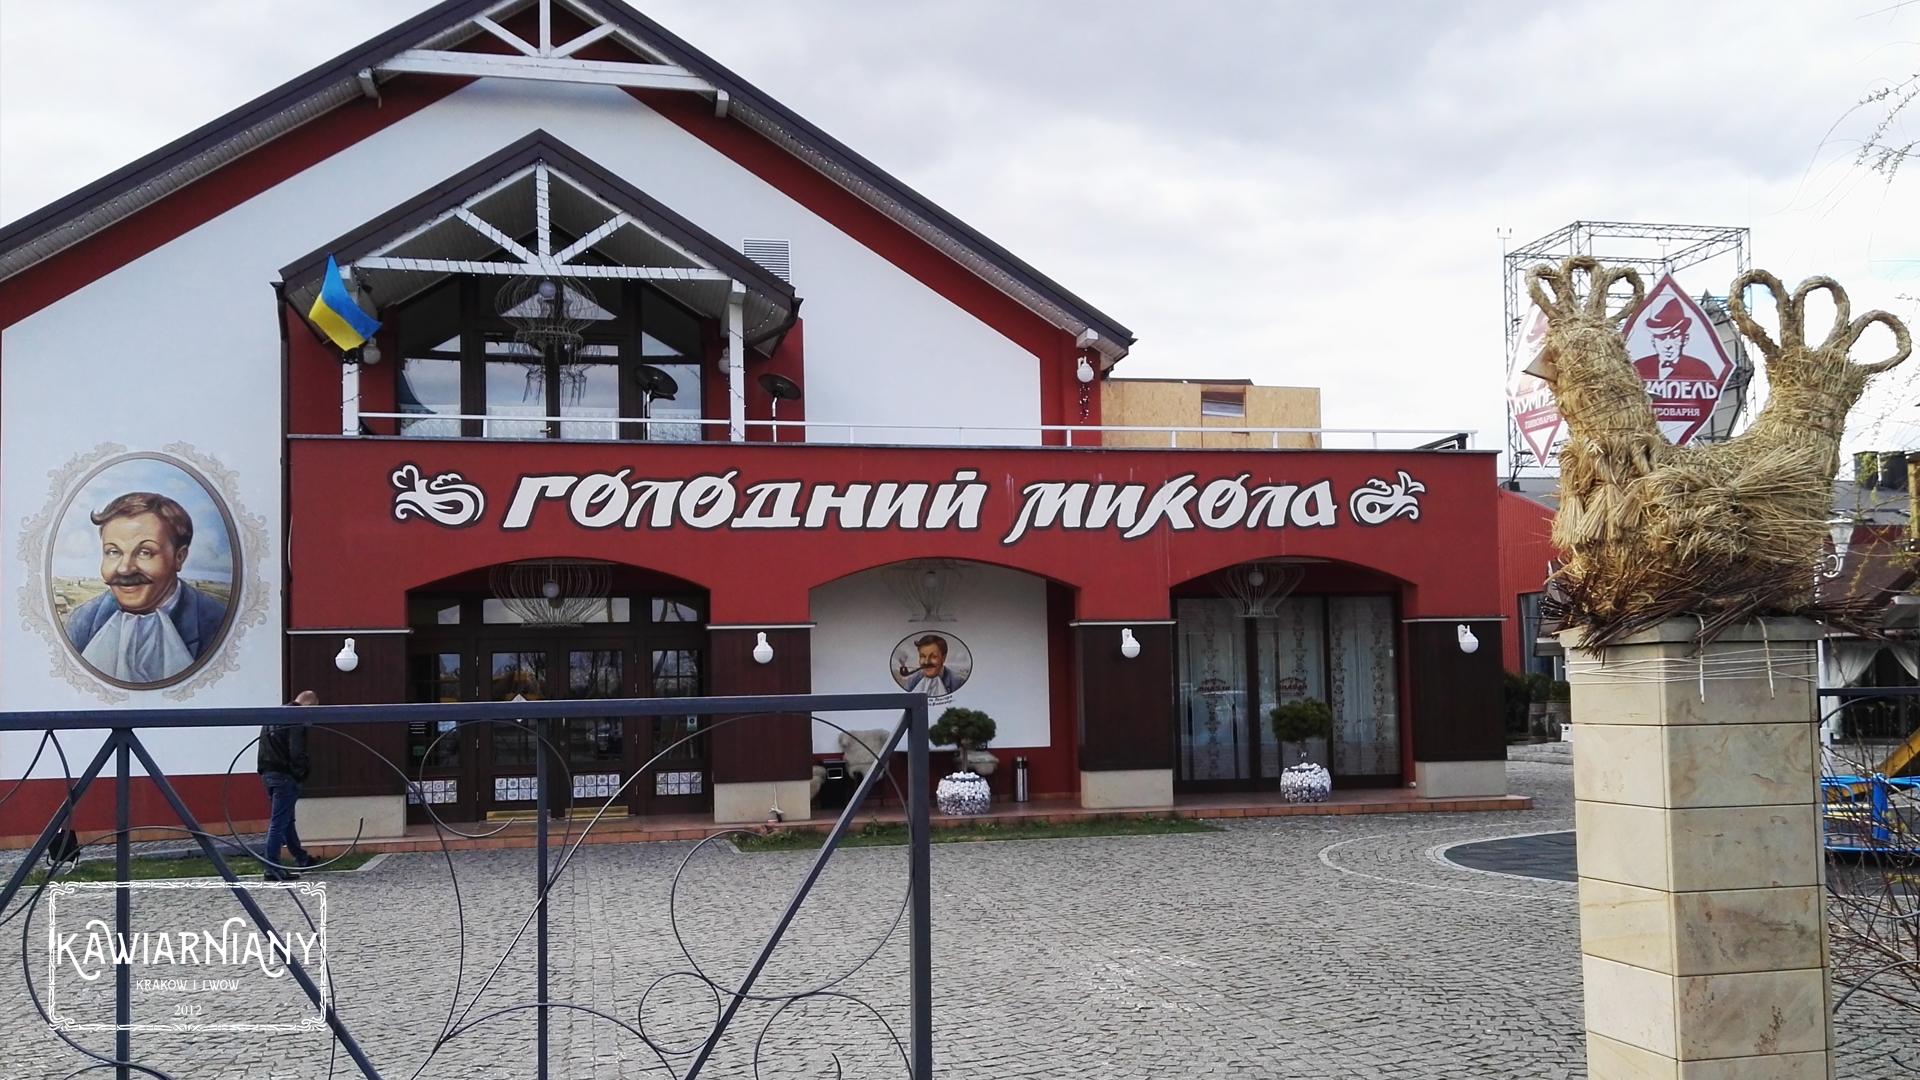 Co i gdzie jeść we Lwowie? Głodny Mikołaj – Holodnyi Mykola, ul. Stryjska 352, Lwów